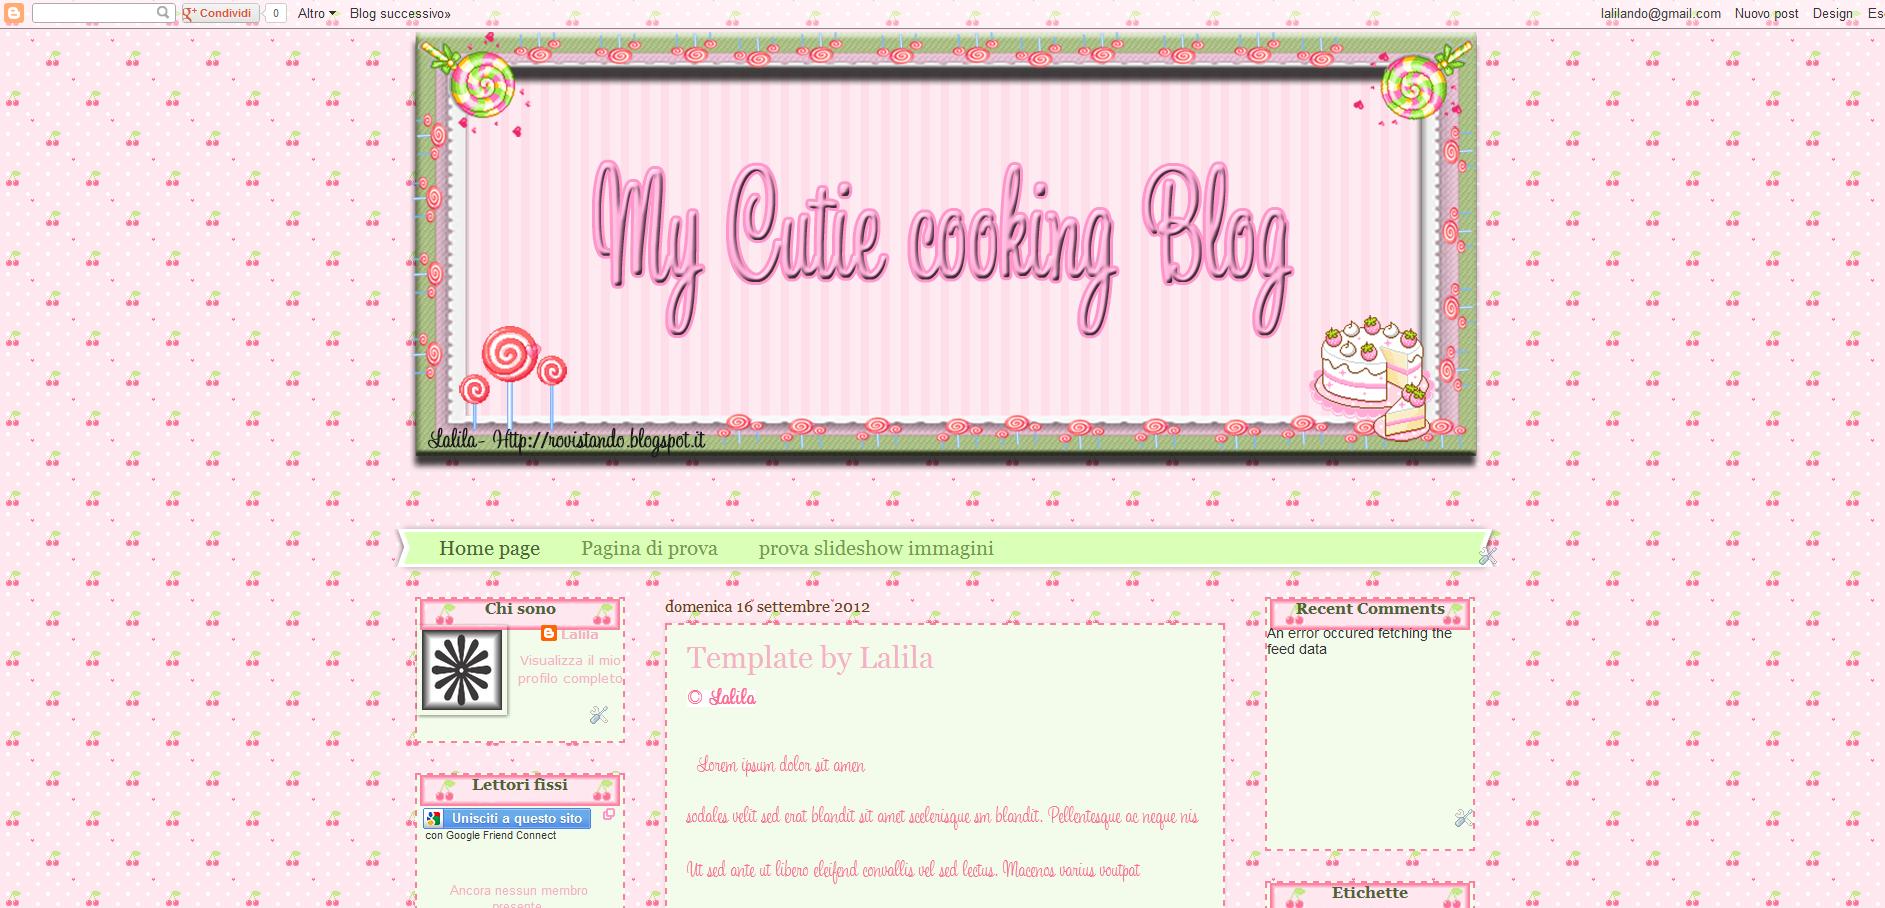 http://rovistando.blogspot.it/2012/09/template-my-cutie-cooking-blog.html